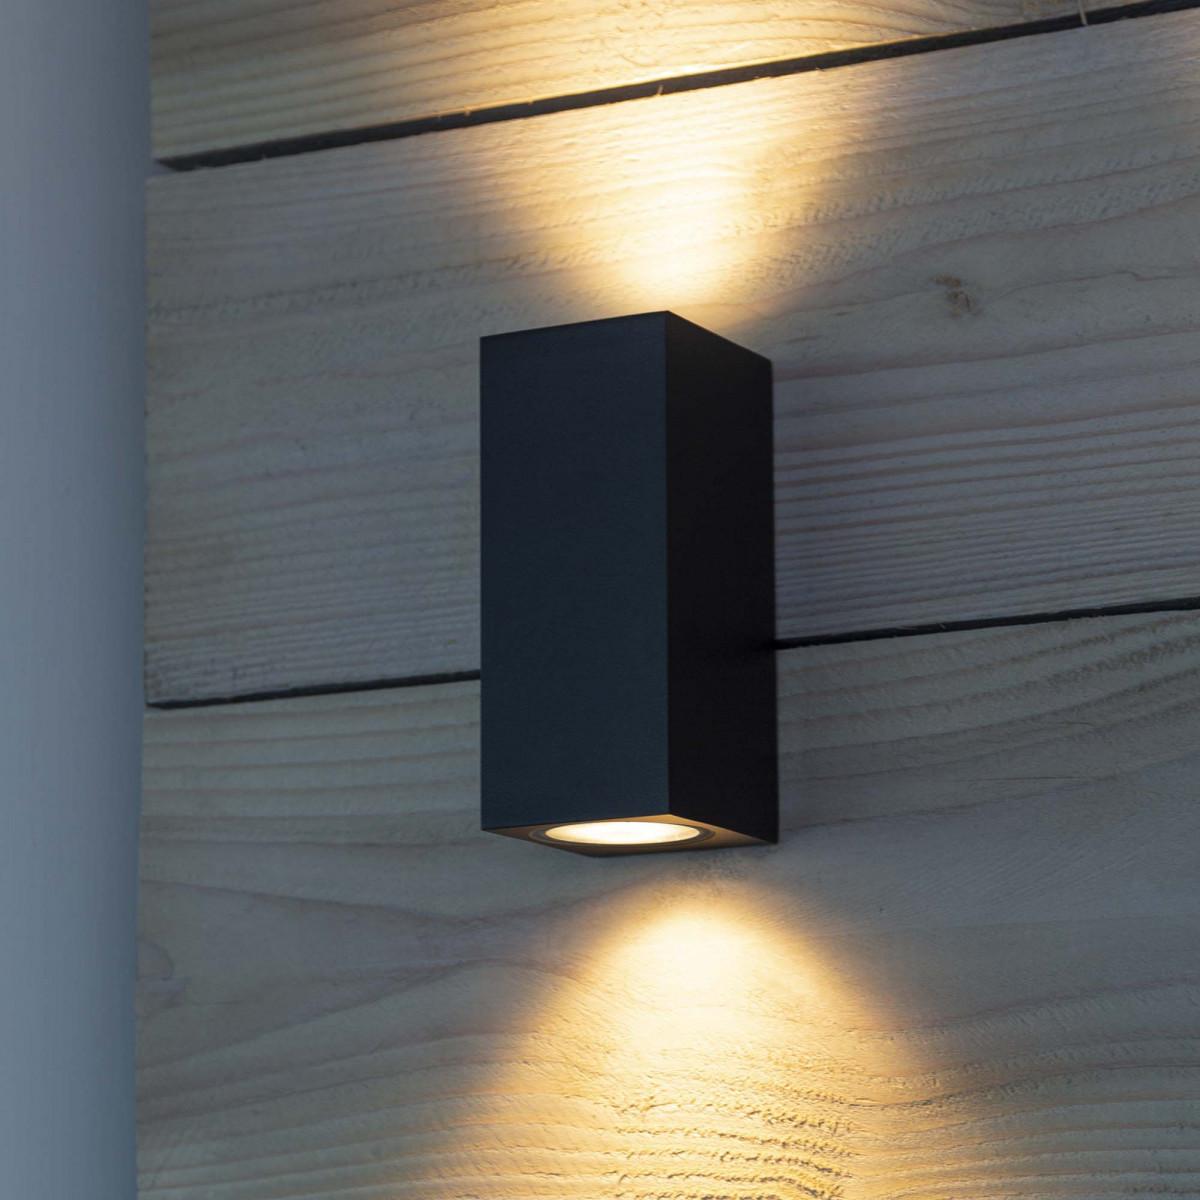 Wandspot kubus zwart, up en downlighter, design muurspot, perfect toepasbaar als gevelverlichting, KS kwaliteitsverlichting, moderne wandspot met 2 lichtbundels